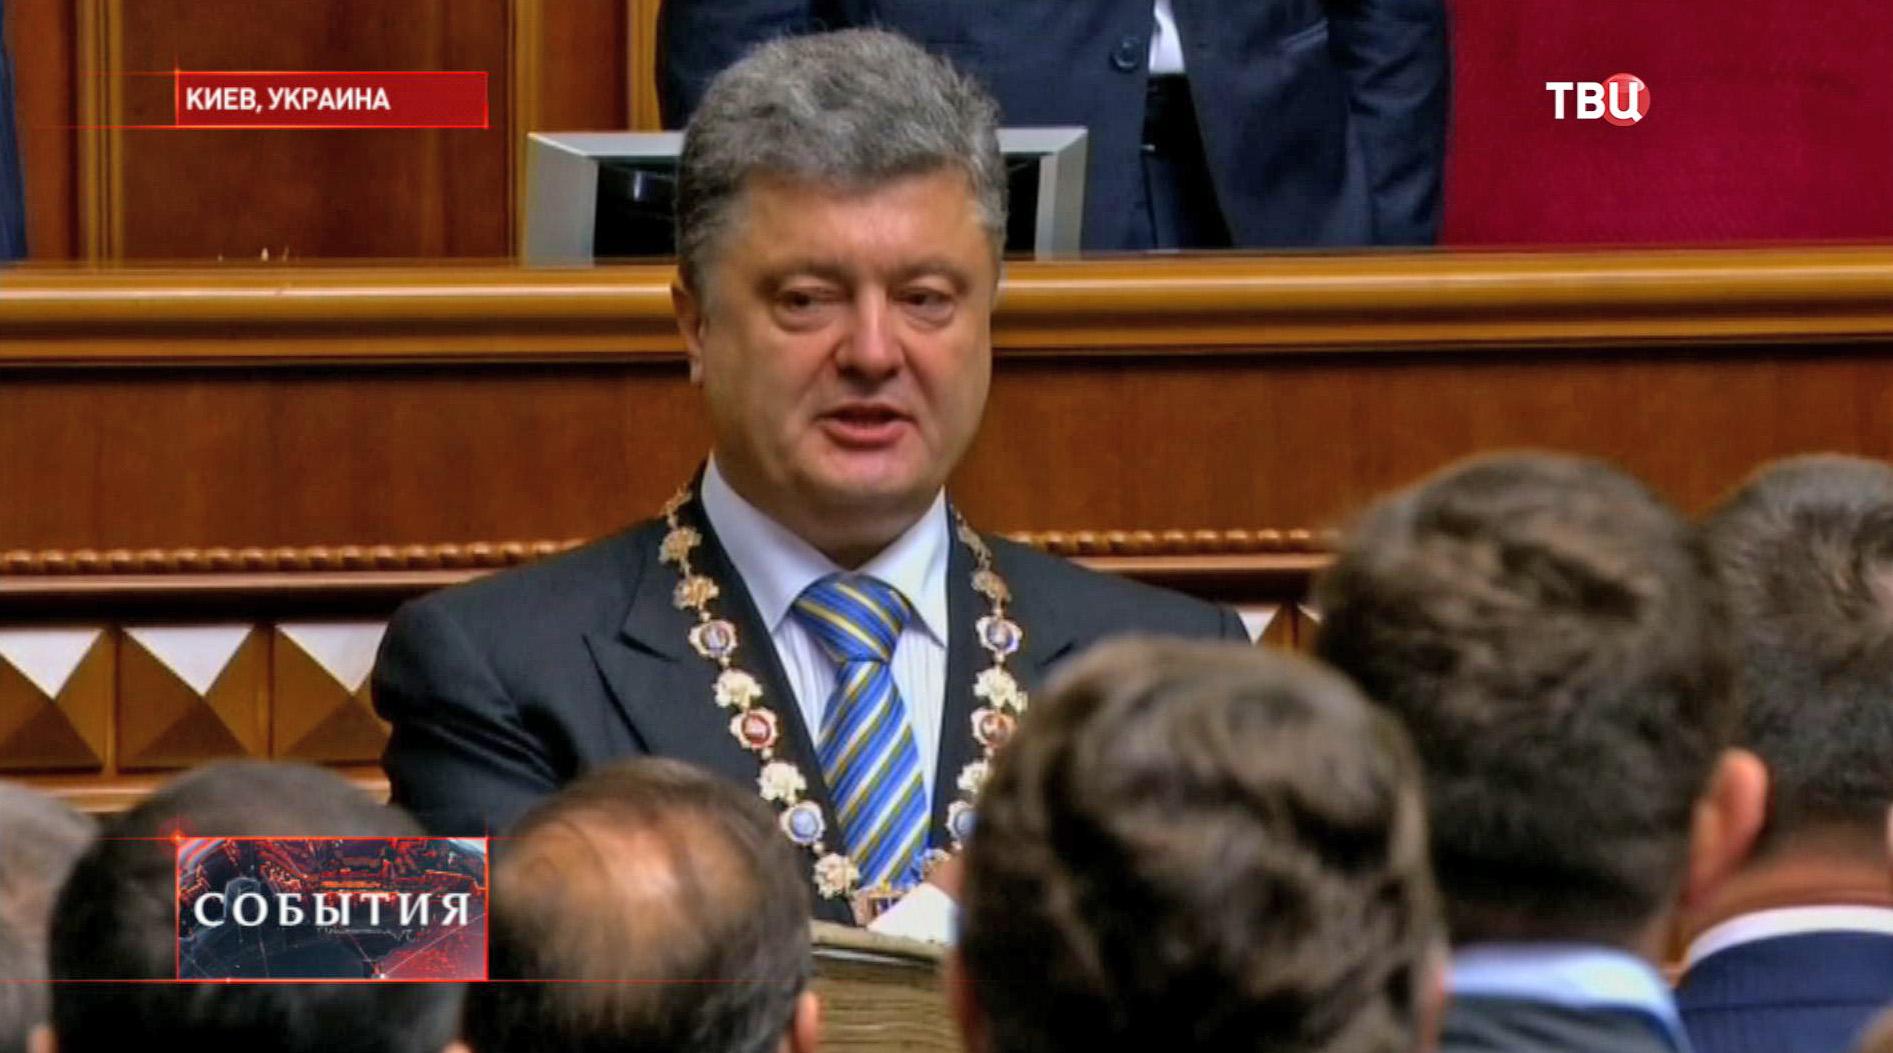 Инаугурация президента Украины Петра Порошенко